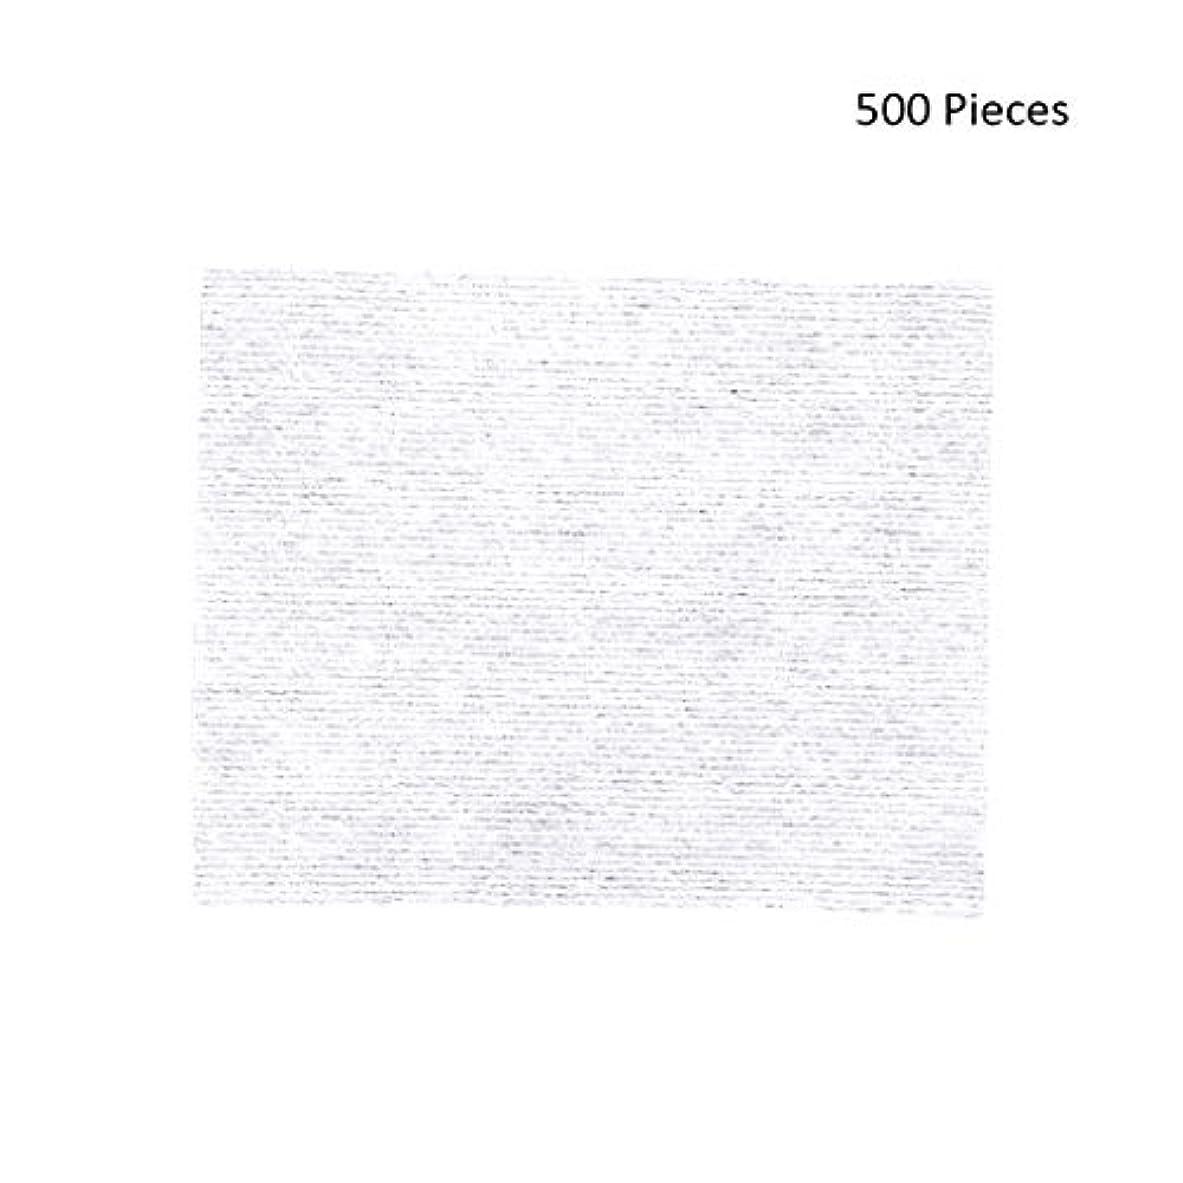 人種アートカーテンクレンジングシート 500ピースフェイスメイクアップリムーバーメイクワイプコットンパッドメイクアップリムーバーパッドソフトパッド化粧品フェイスマスククレンジングケア 落ち水クレンジング シート モイスト (Color :...